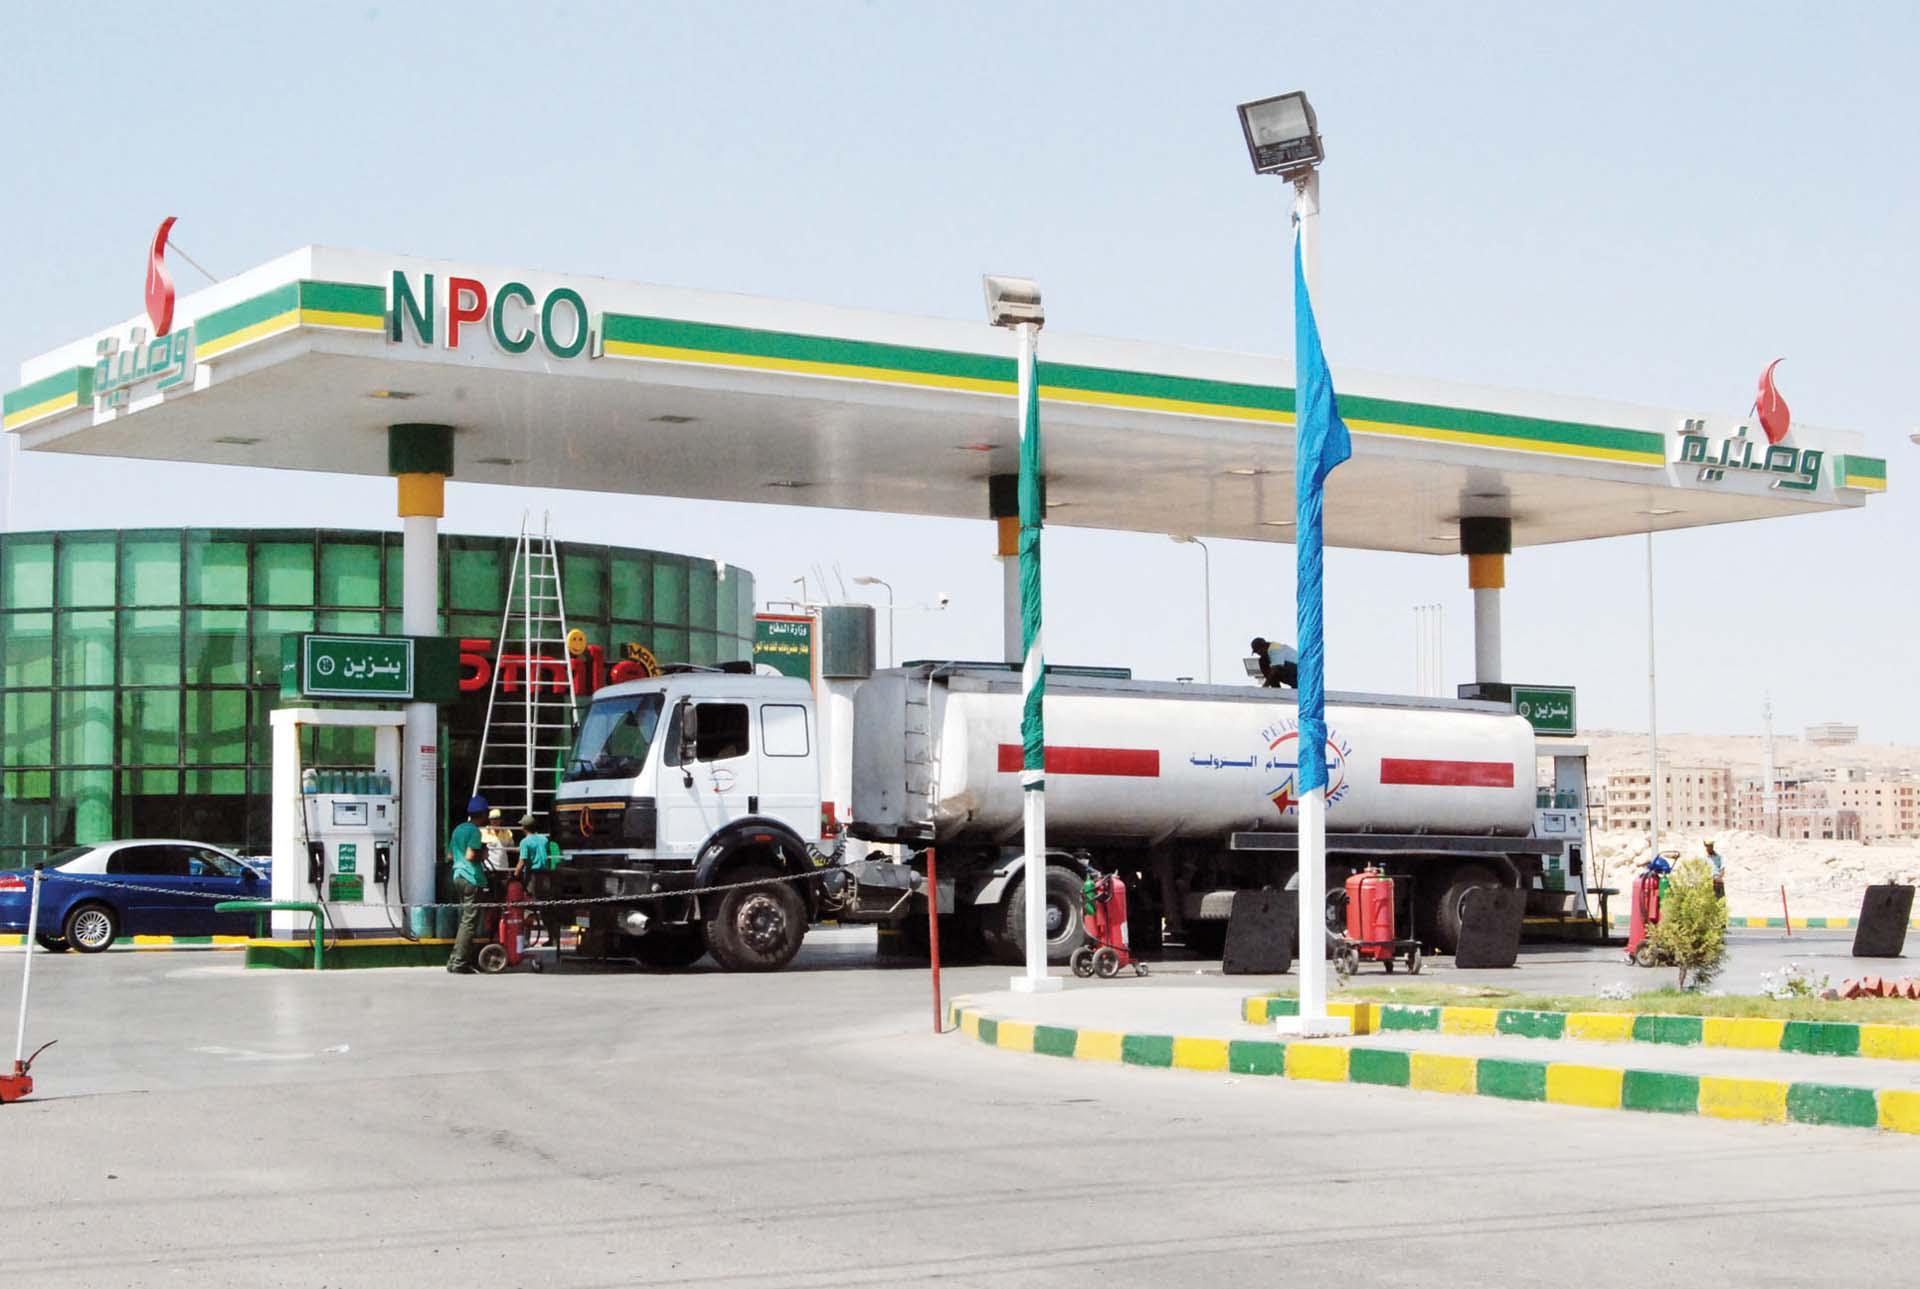 خبراء يطالبون الحكومة بخفض أسعار البنزين مراعاة للبعد الاجتماعى - جريدة المال